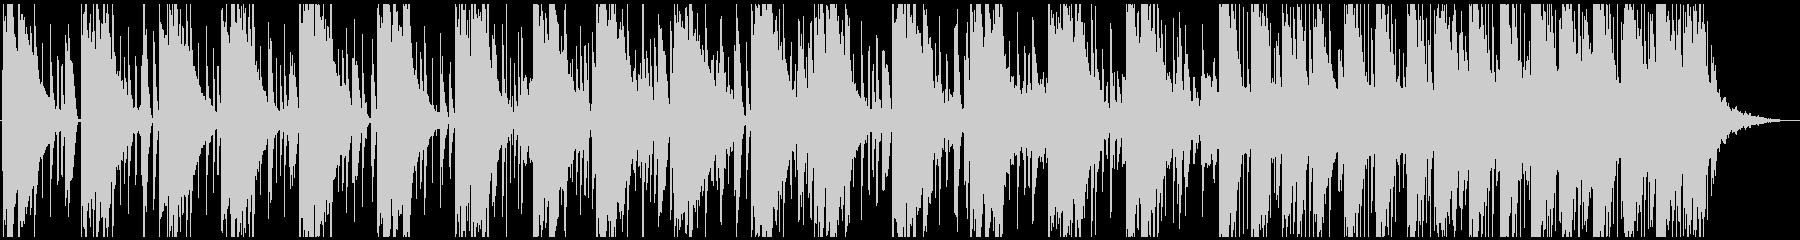 アンビエントっぽいチルなエレクトロニカの未再生の波形